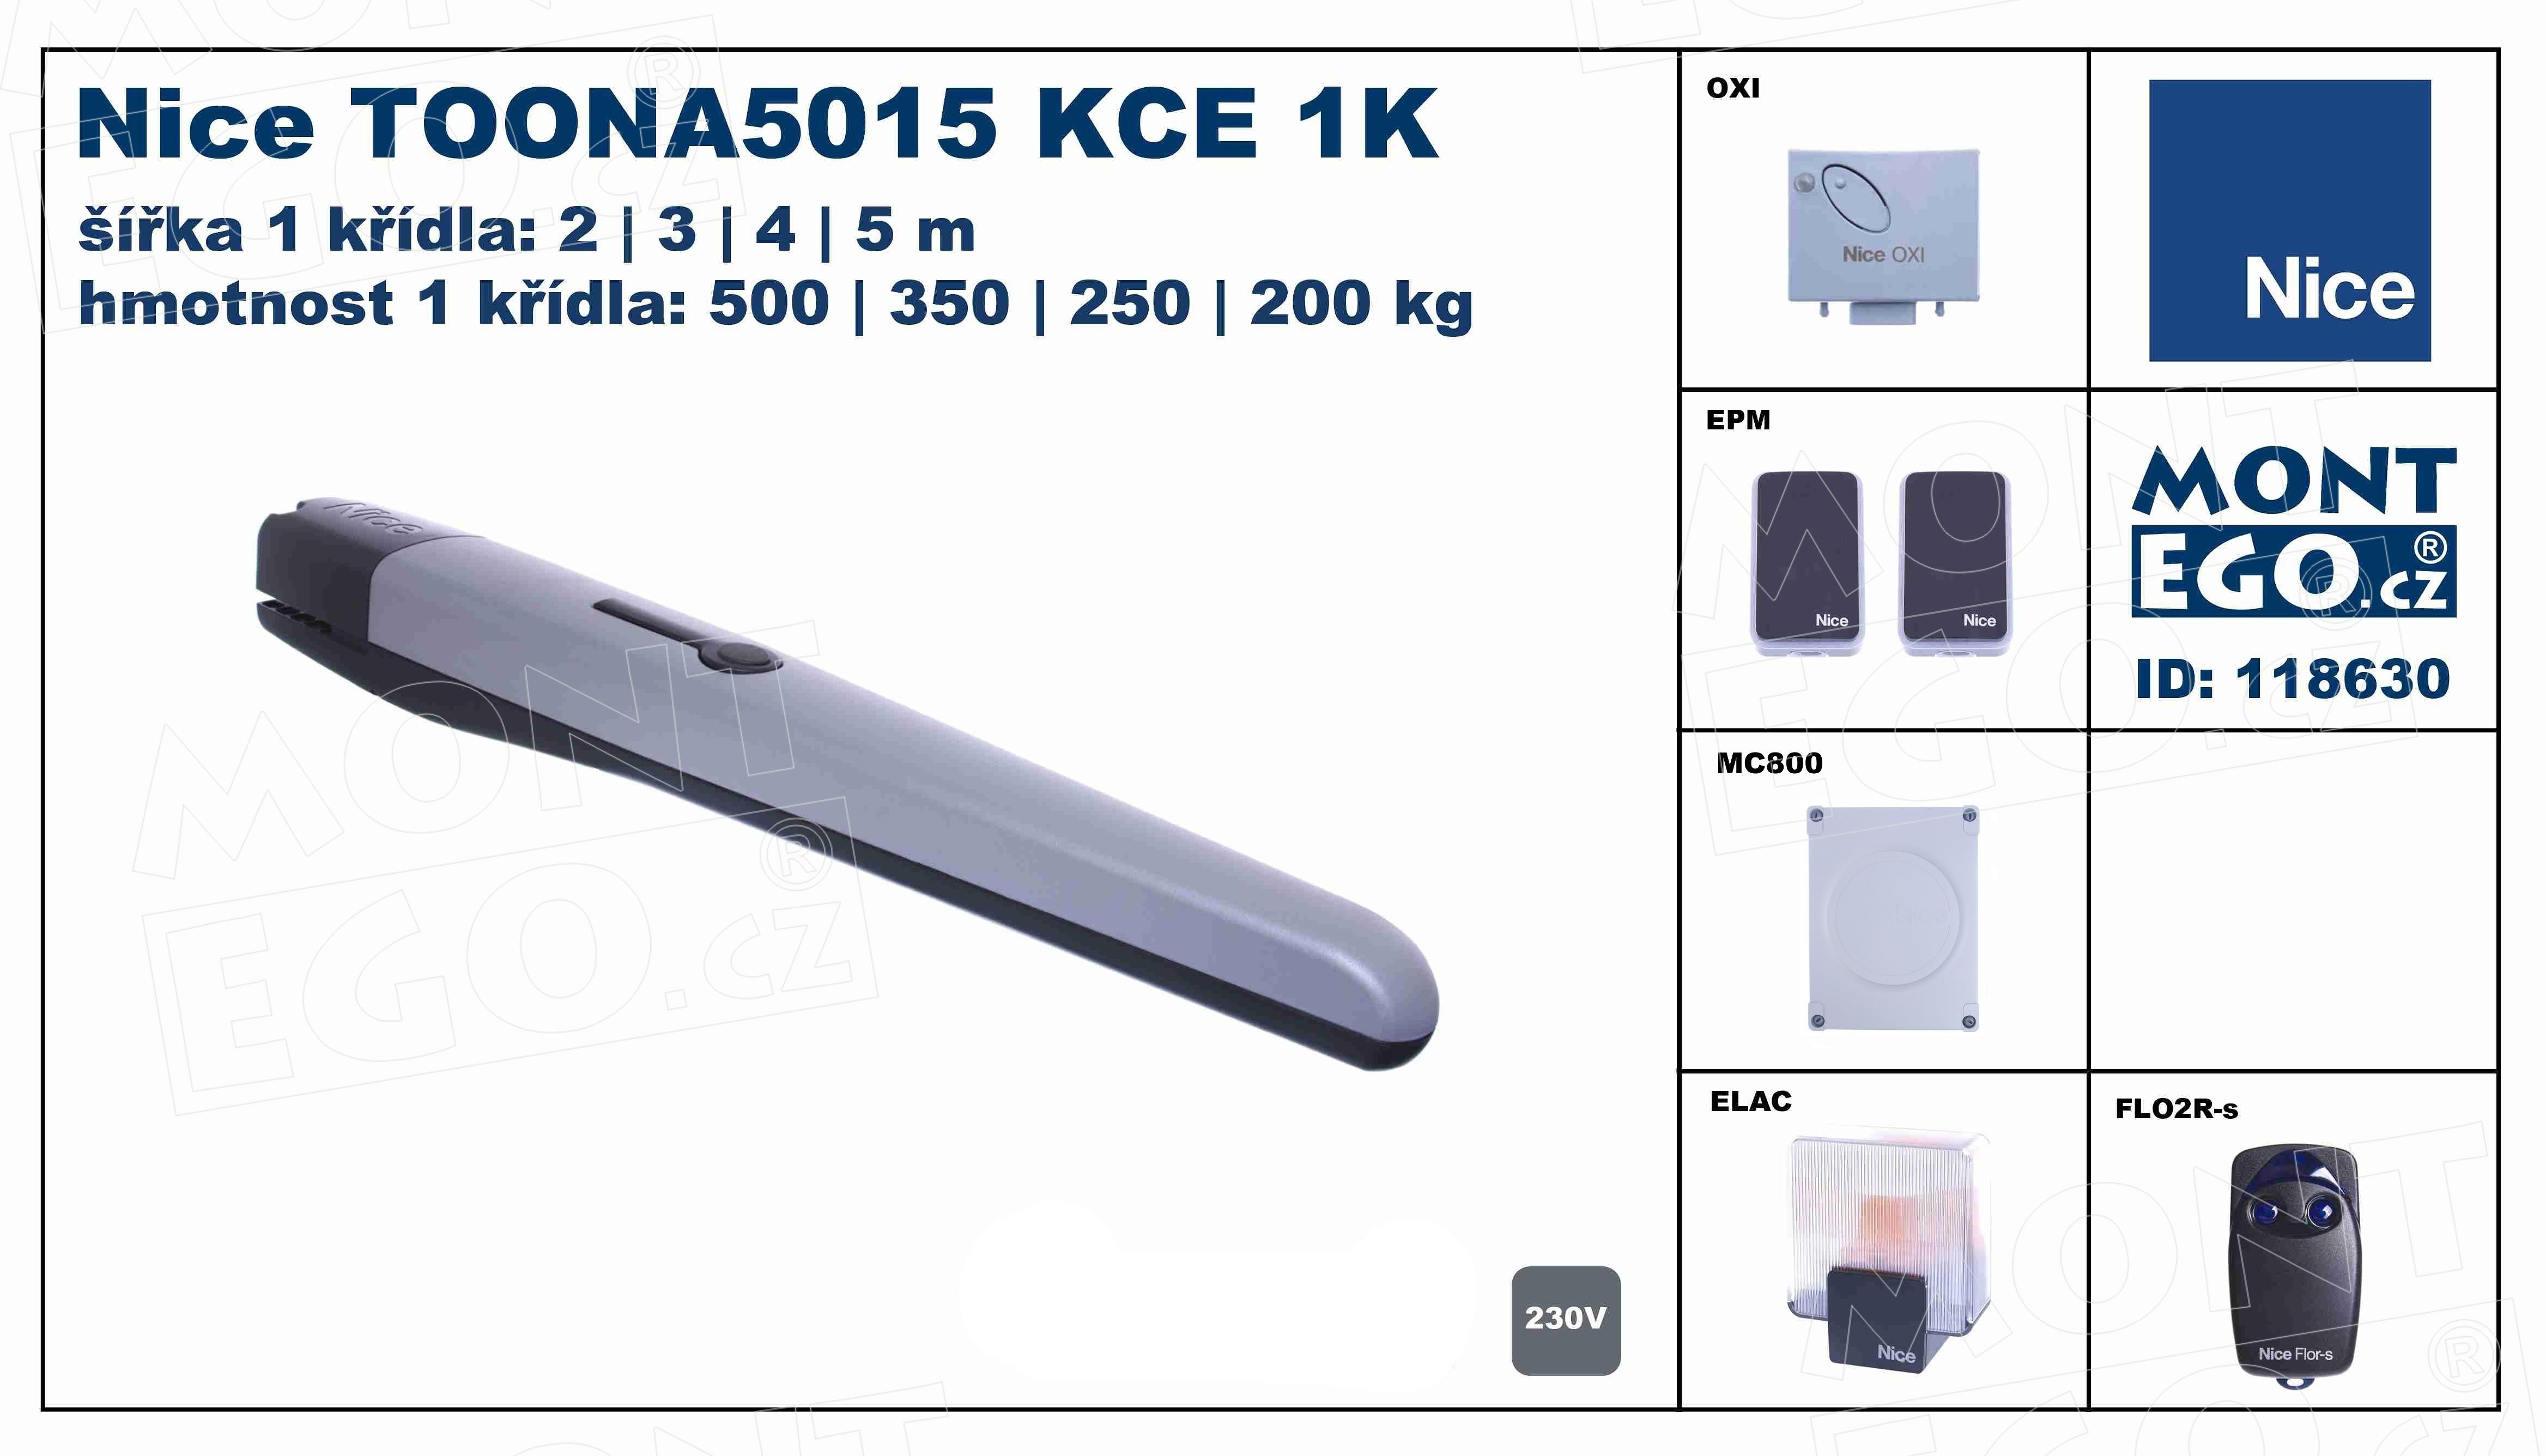 pohon pro 1-křídlové brány široké 5 m TOONA5015KCE 1K - kompletní sada